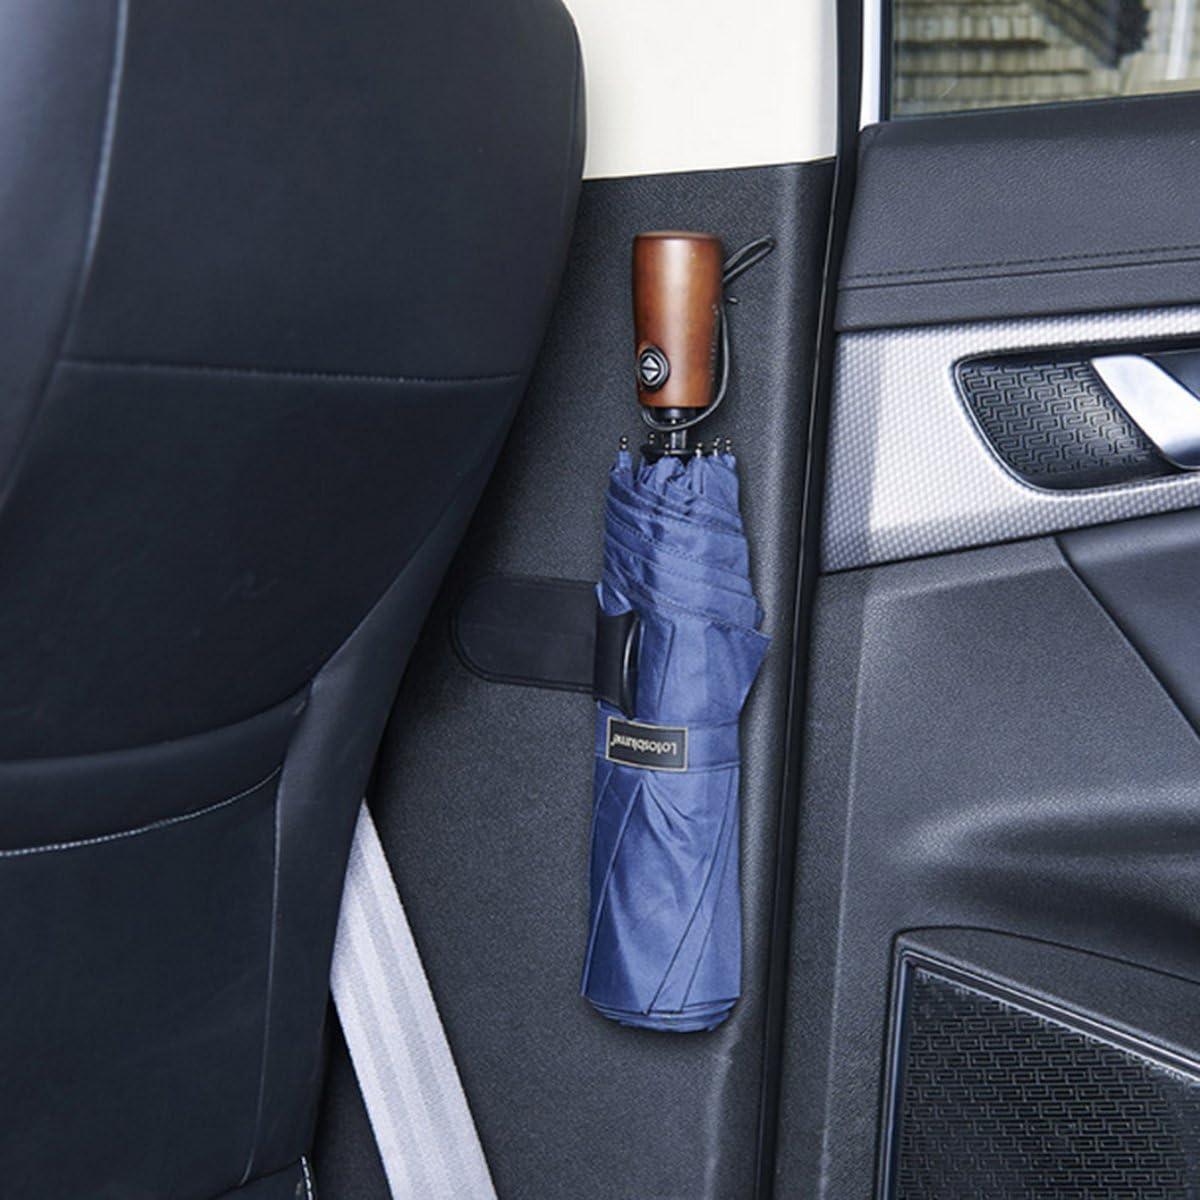 VORCOOL 2/Pcs Auto Kofferraum Haken Kleiderb/ügel Klebstoffe Regenschirm f/ür Auto Auto Startseite Schwarz